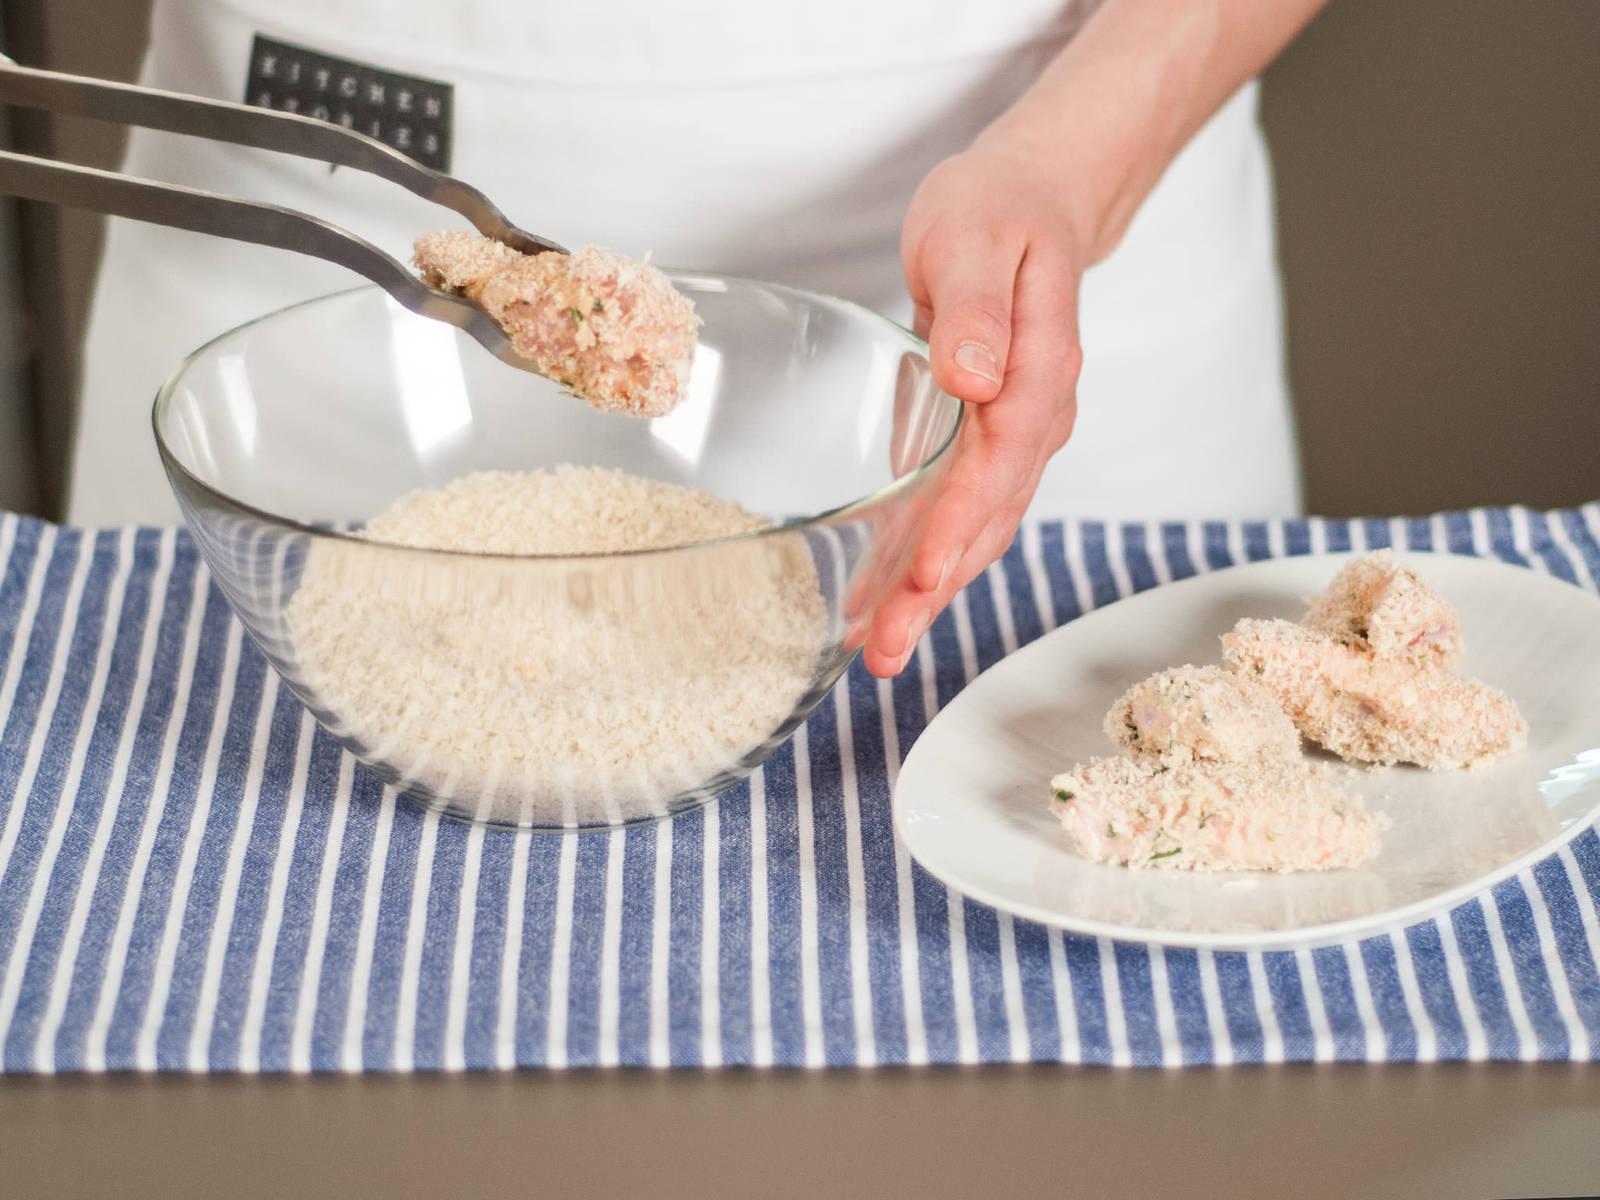 将鸡翅放入盛有面包屑的大碗中,用夹子翻动鸡翅,使鸡翅各面均匀裹上面包屑。